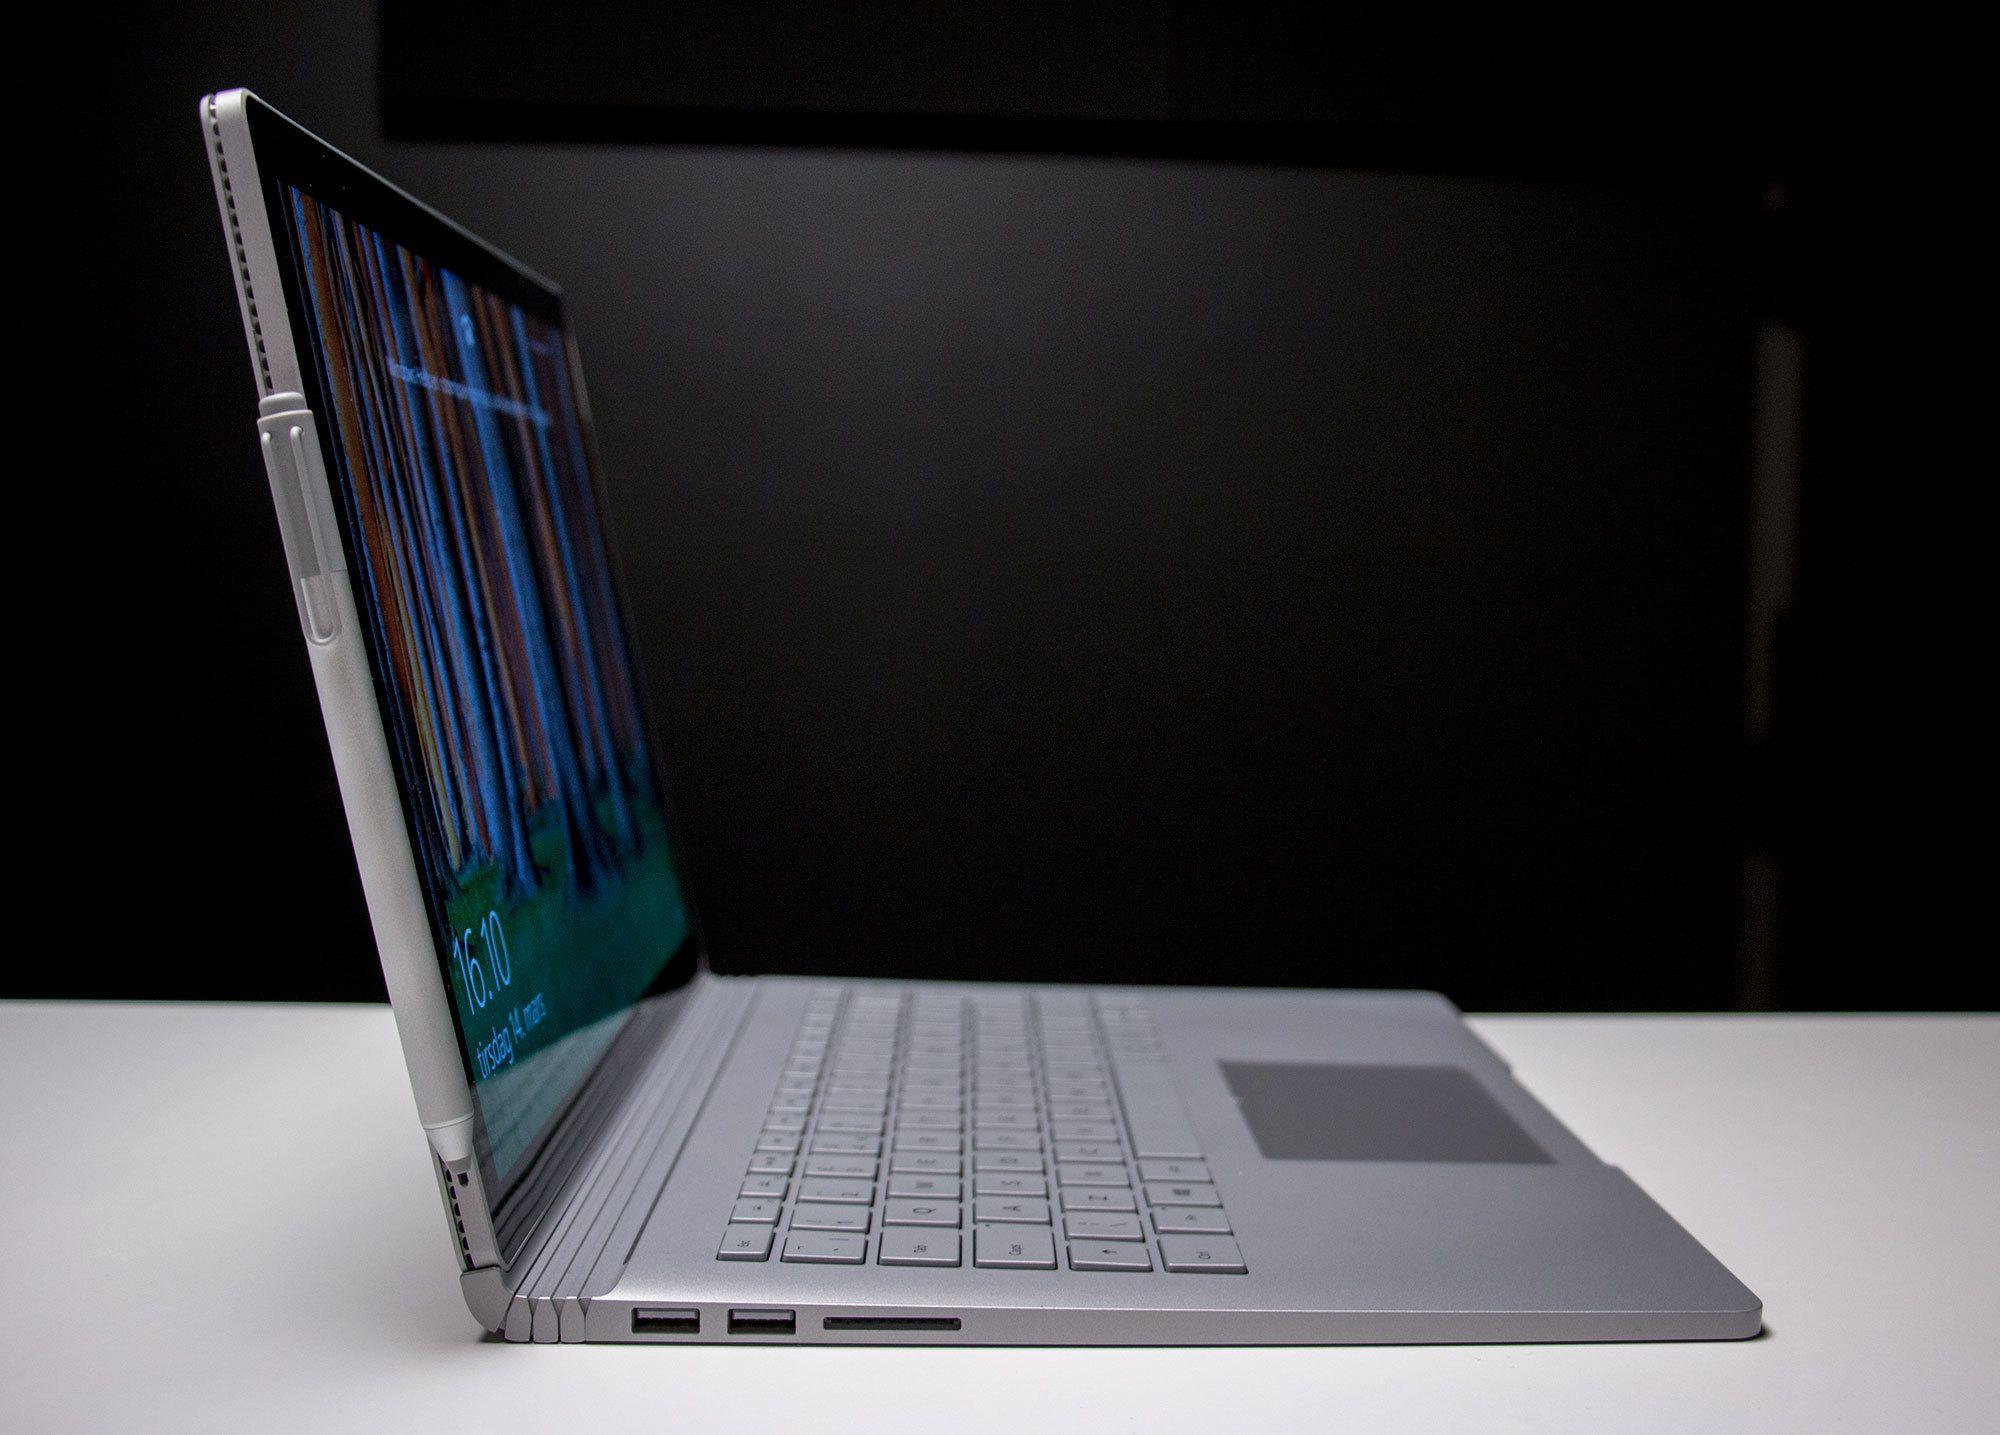 hekte eksternt tastatur til iPad